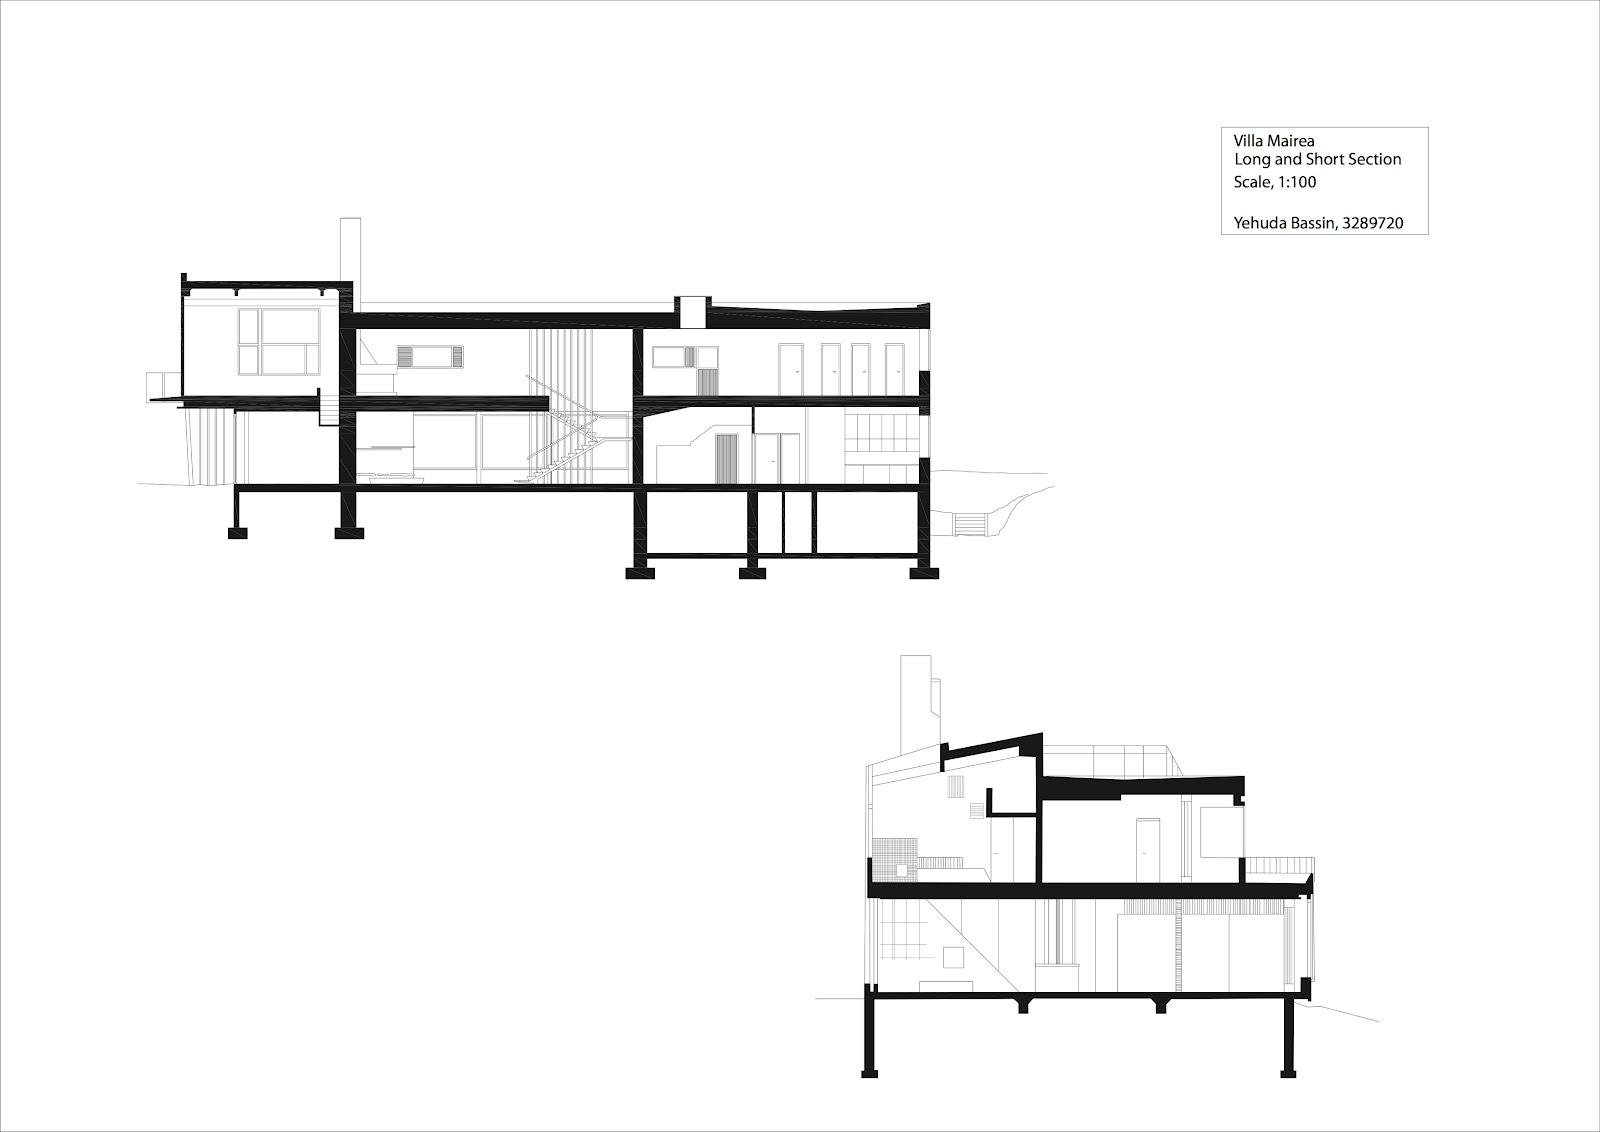 Home Design Studio Complete Yehuda Bassin Design Studio 3 Project 1 Villa Mairea